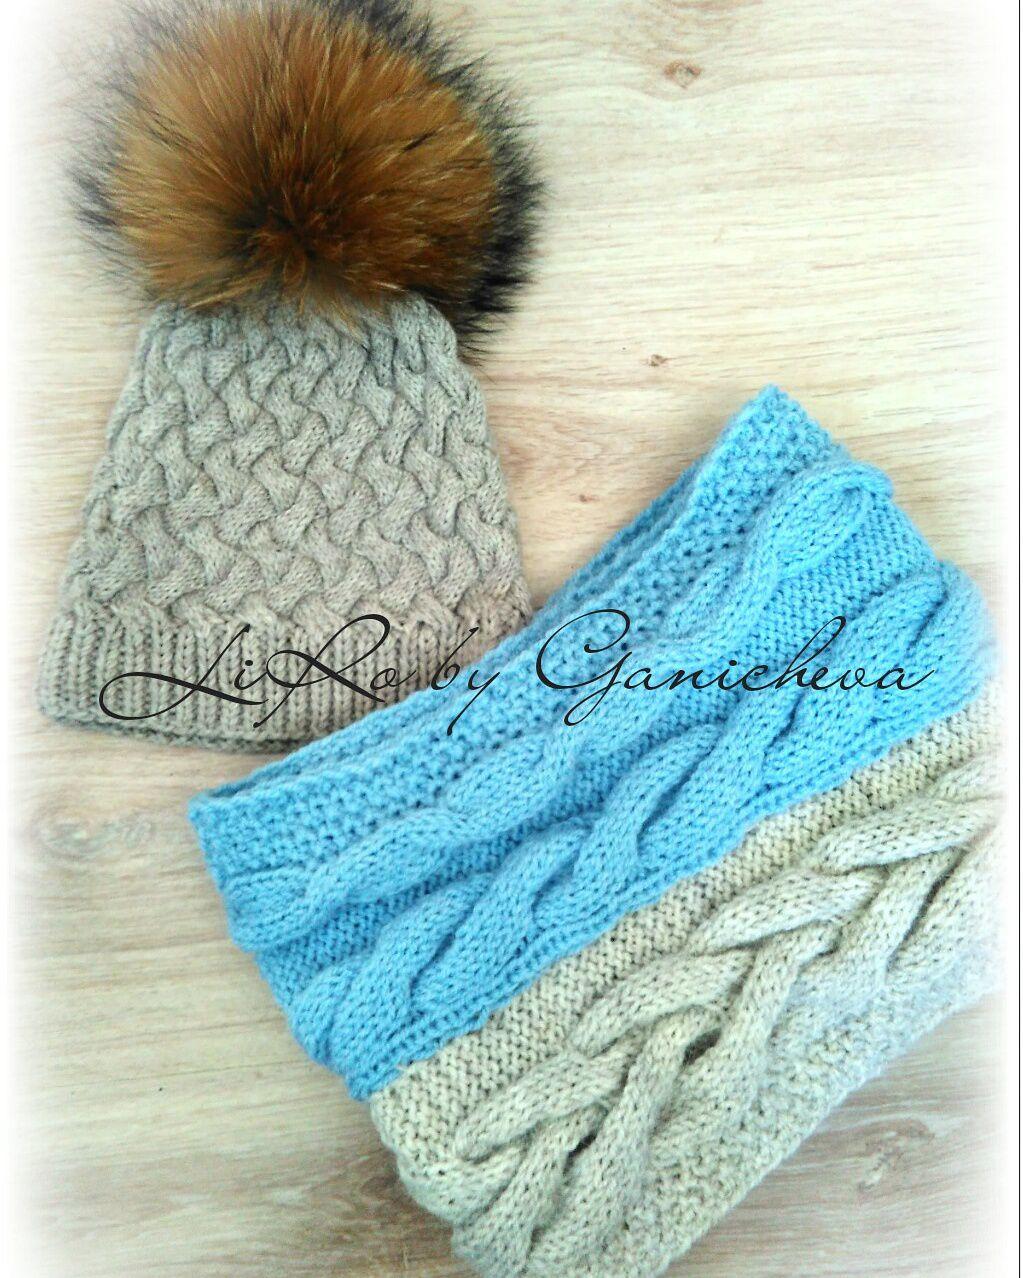 петербург альпака снуд вязание заказ любовь ручная комплект шерсть шапка kniting индивидуально лиро handmade работа шарфтруба